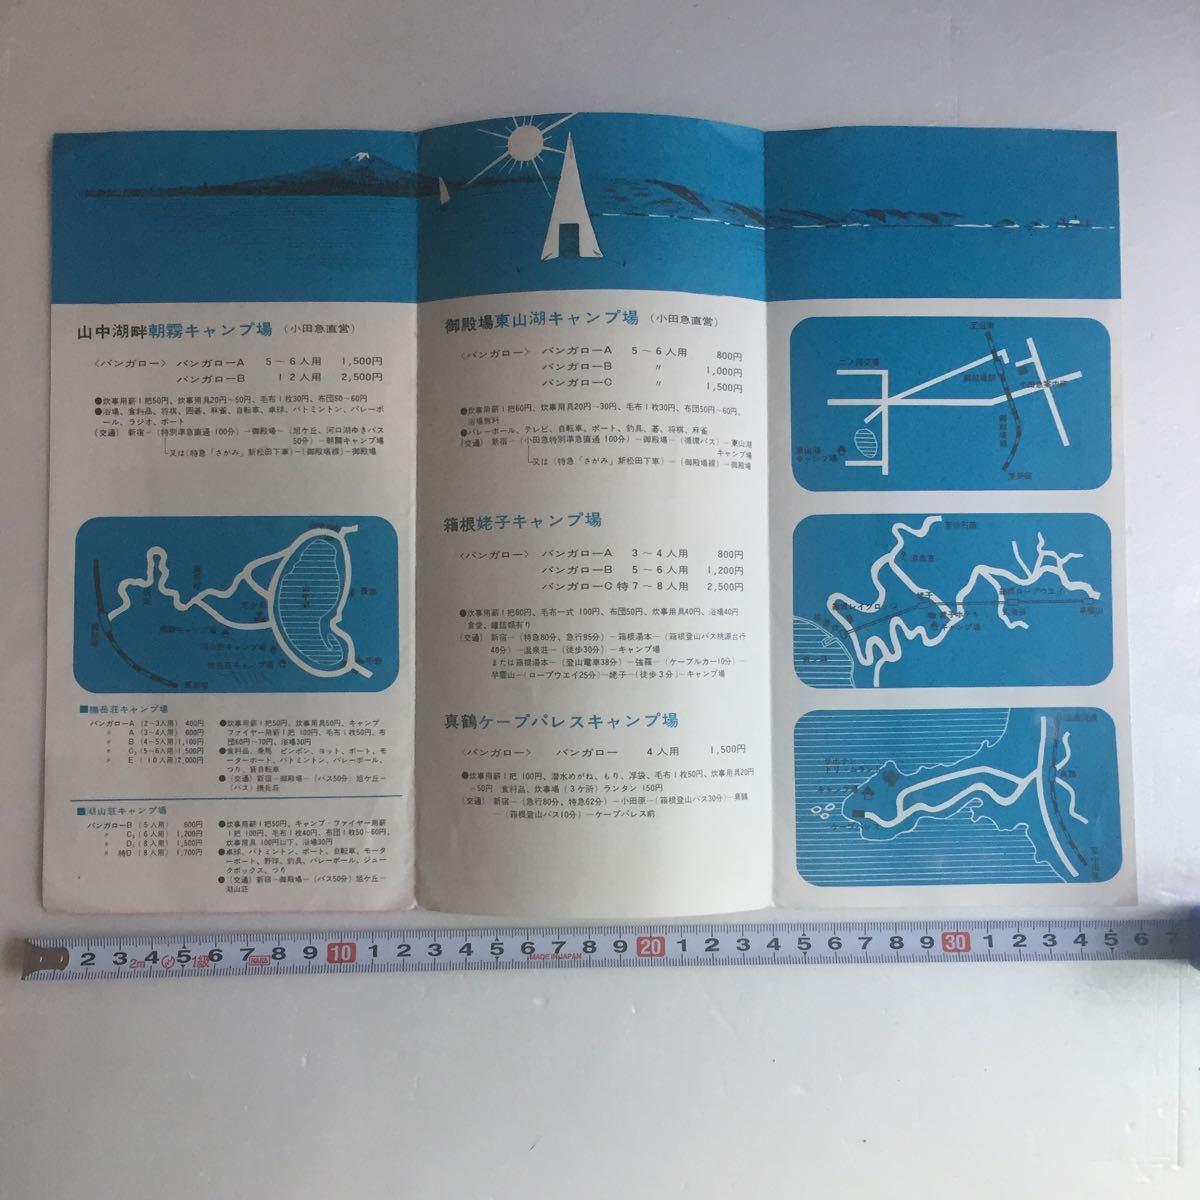 昭和レトロ 小田急キャンプ バンガロー 案内パンフレット 地図 料金表 当時物資料 アンティーク印刷物_画像3